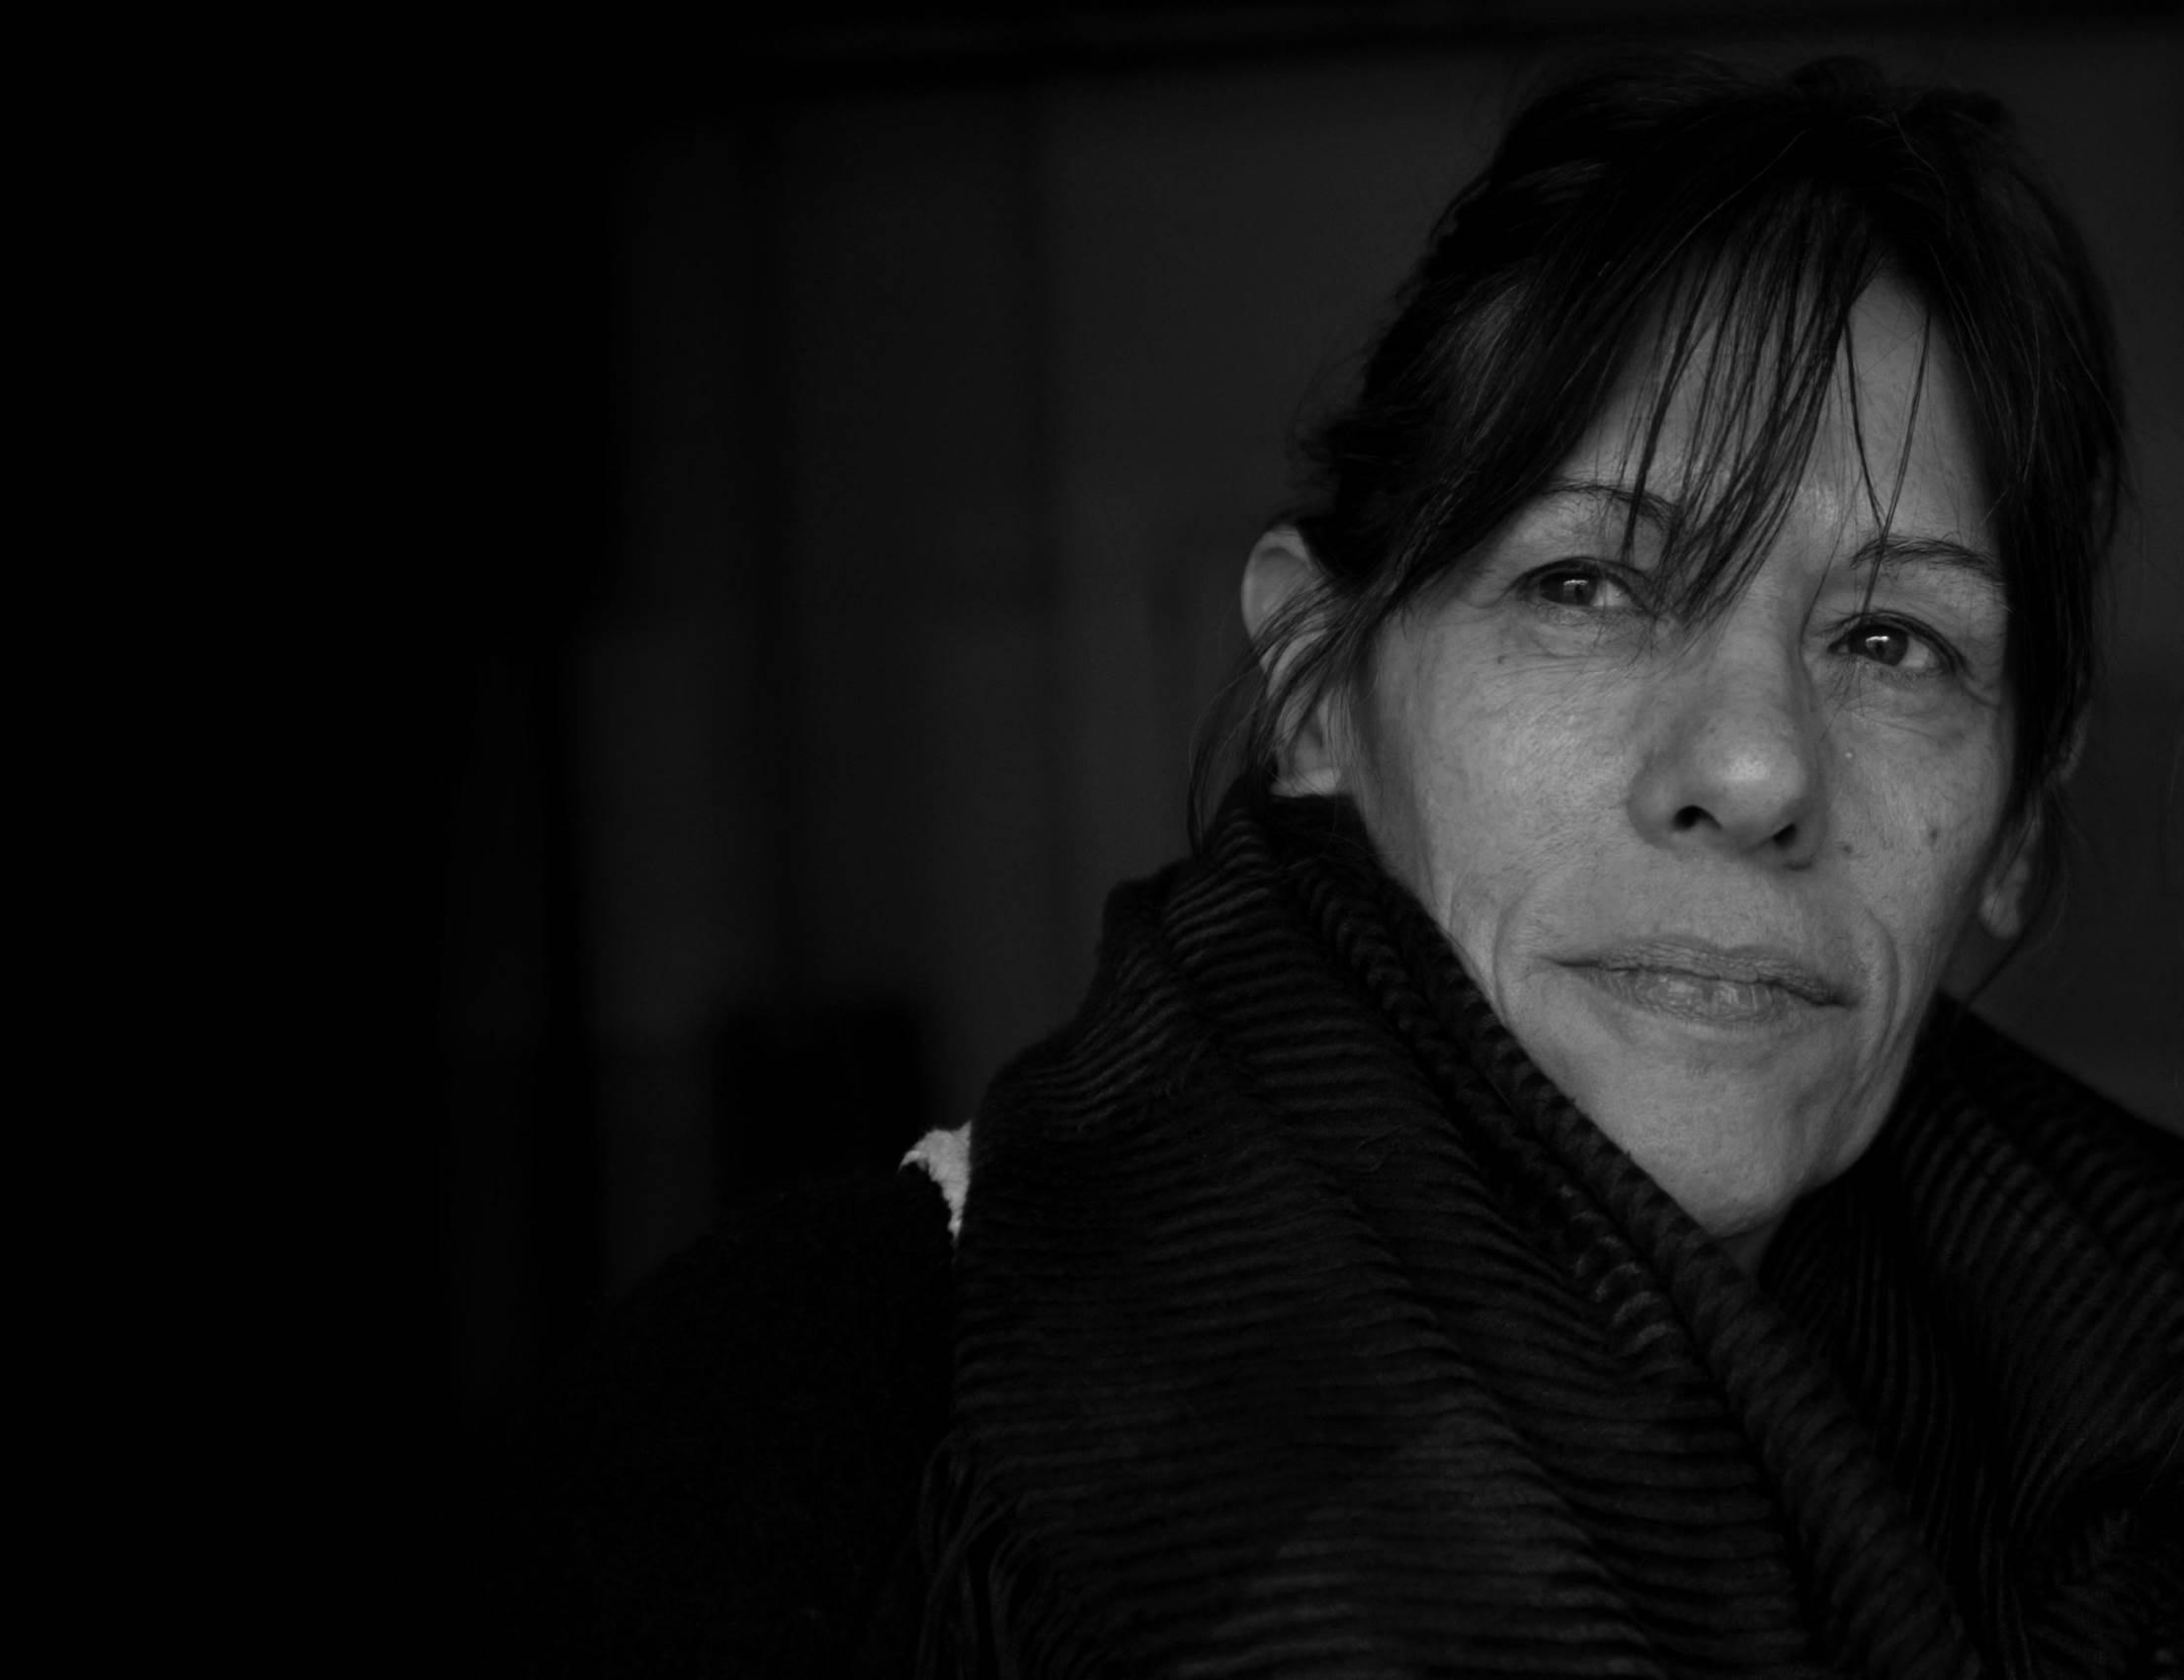 Ana Cristina Leonardo